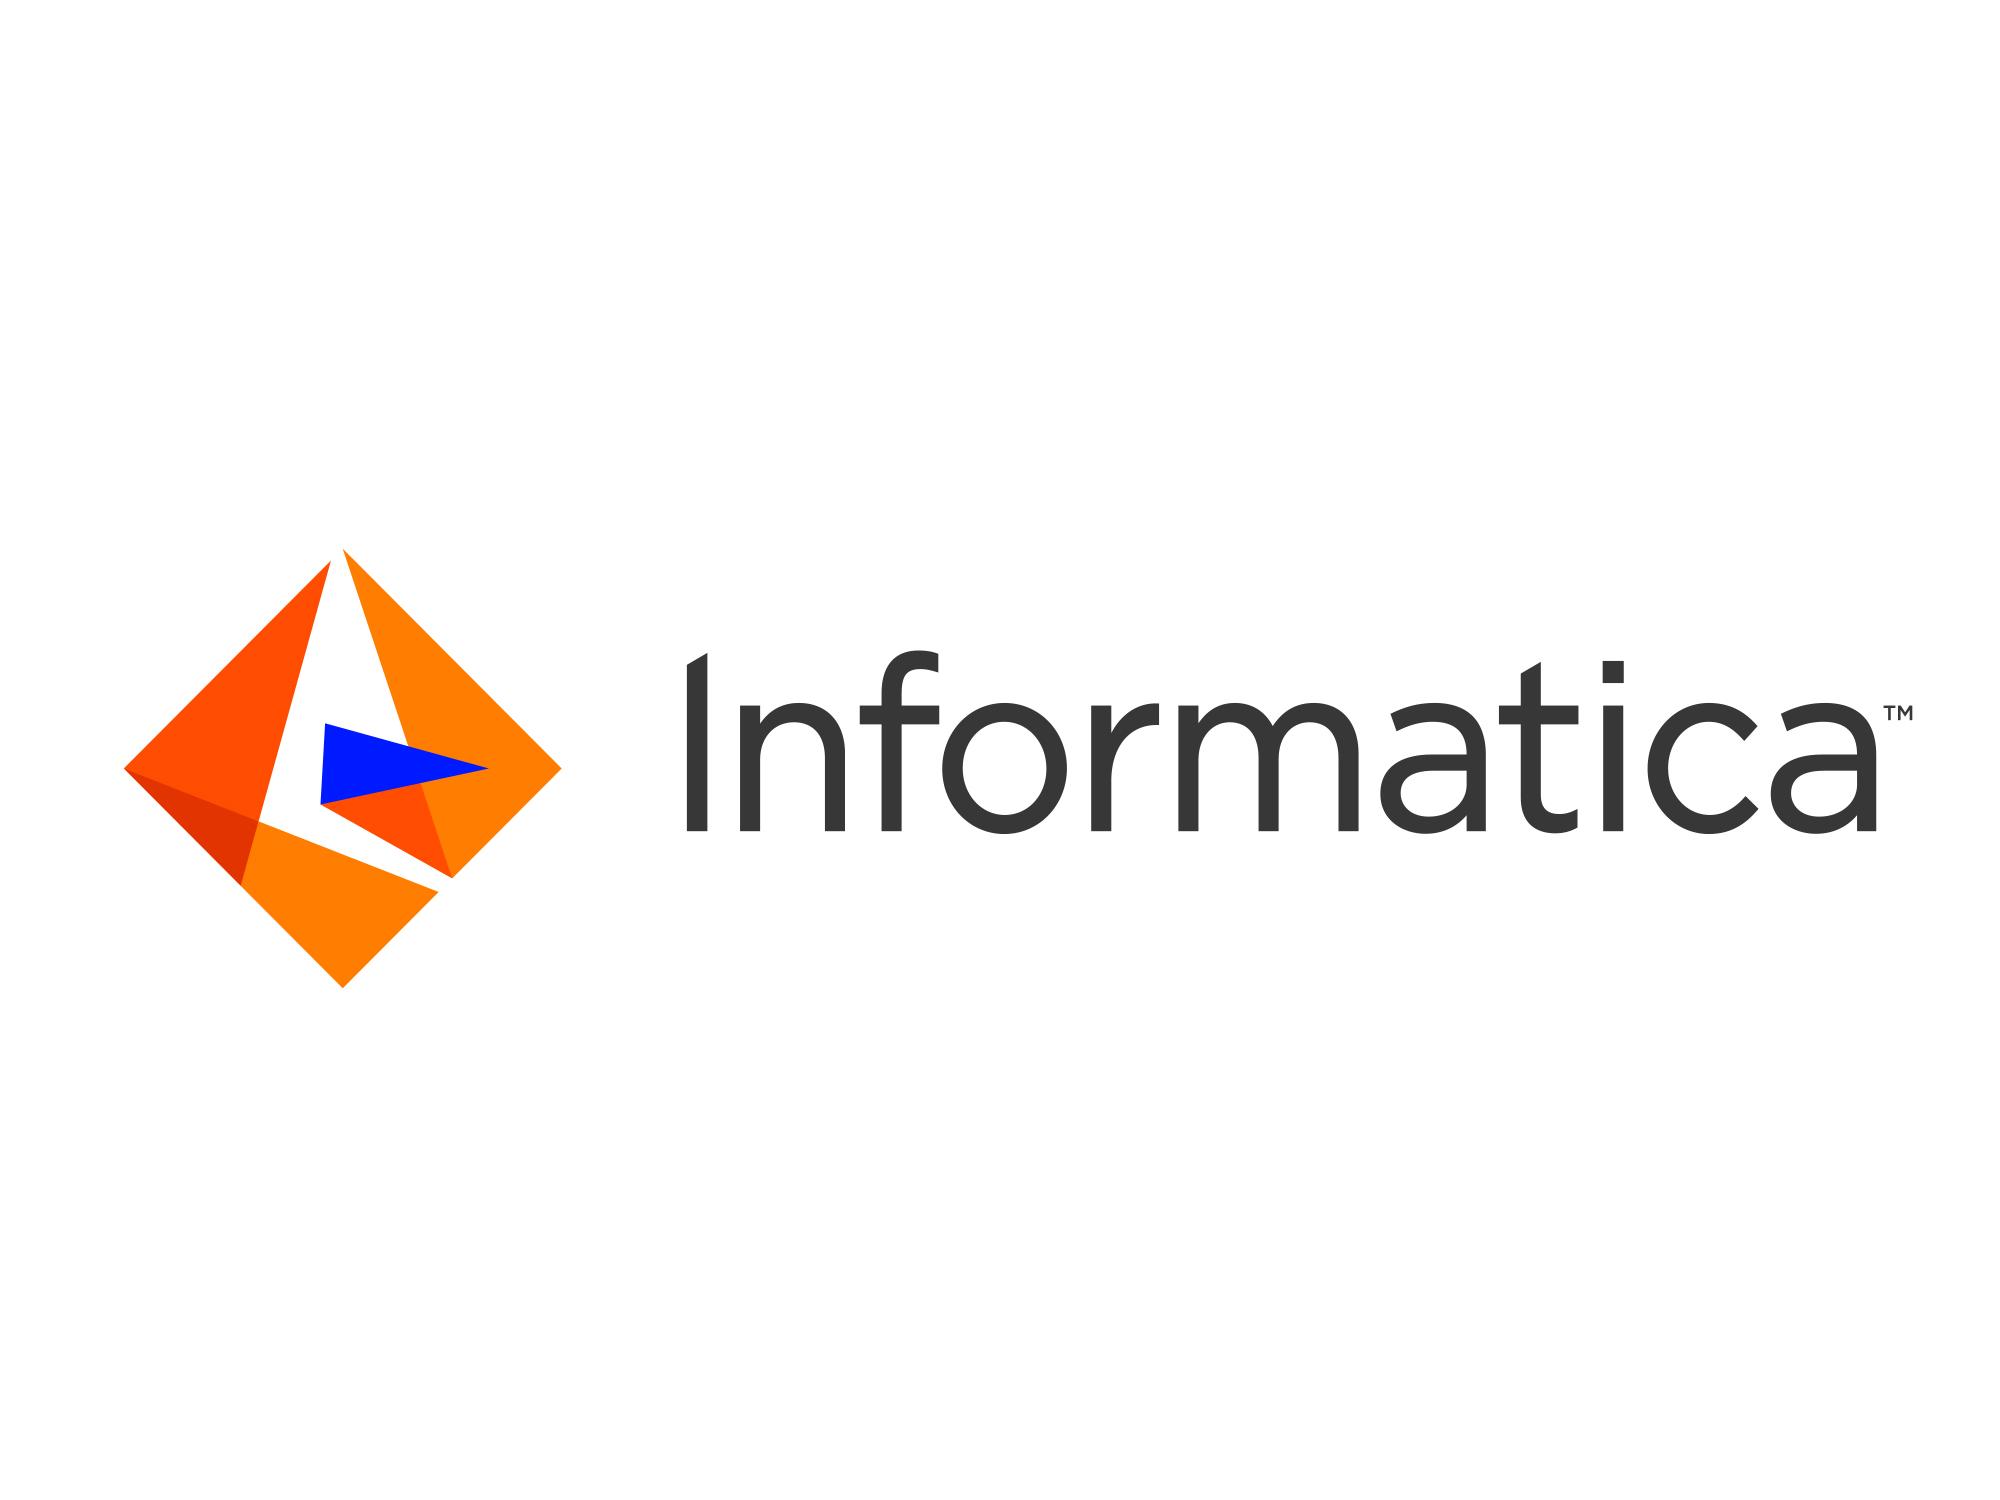 Informatica 数据质量工具 10.1.1(用户自备许可)